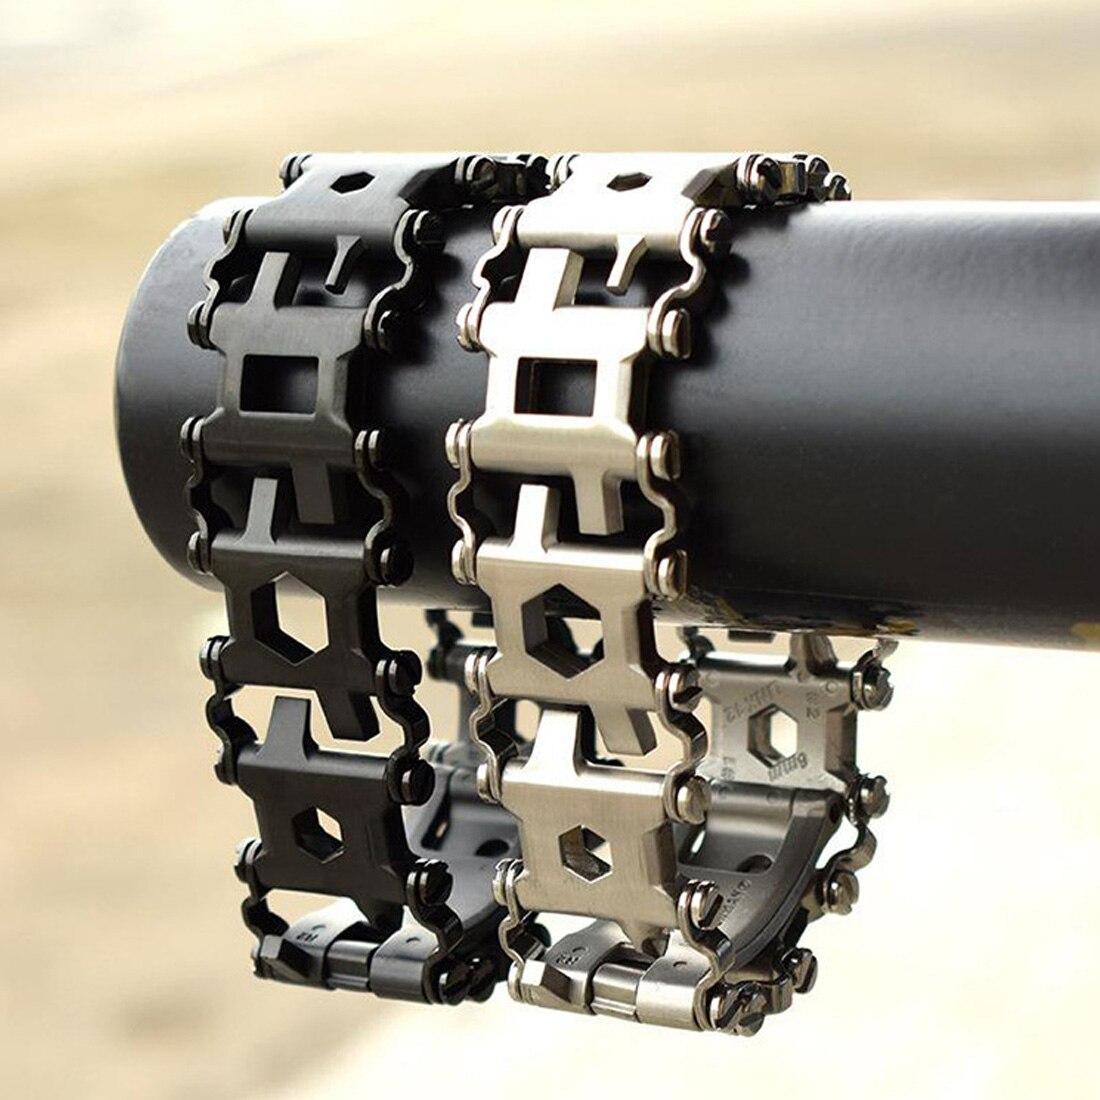 Nouveau 29 Dans 1 Multi-fonction Roulement Portable Bracelet Bracelet Multi-fonction Tournevis Trousse D'urgence En Plein Air Multi Outil